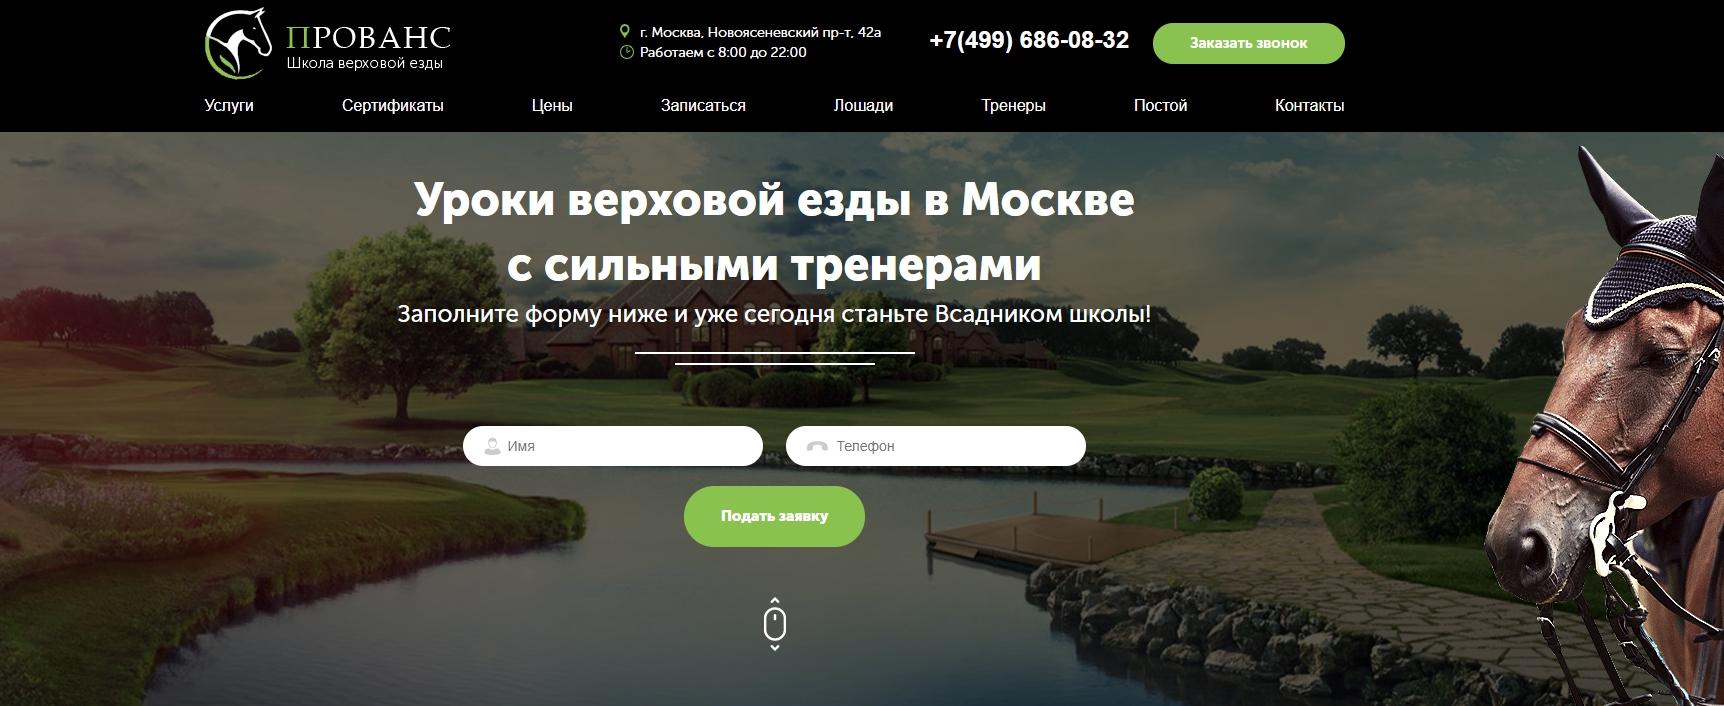 Кейс конного клуба, первый экран на сайте